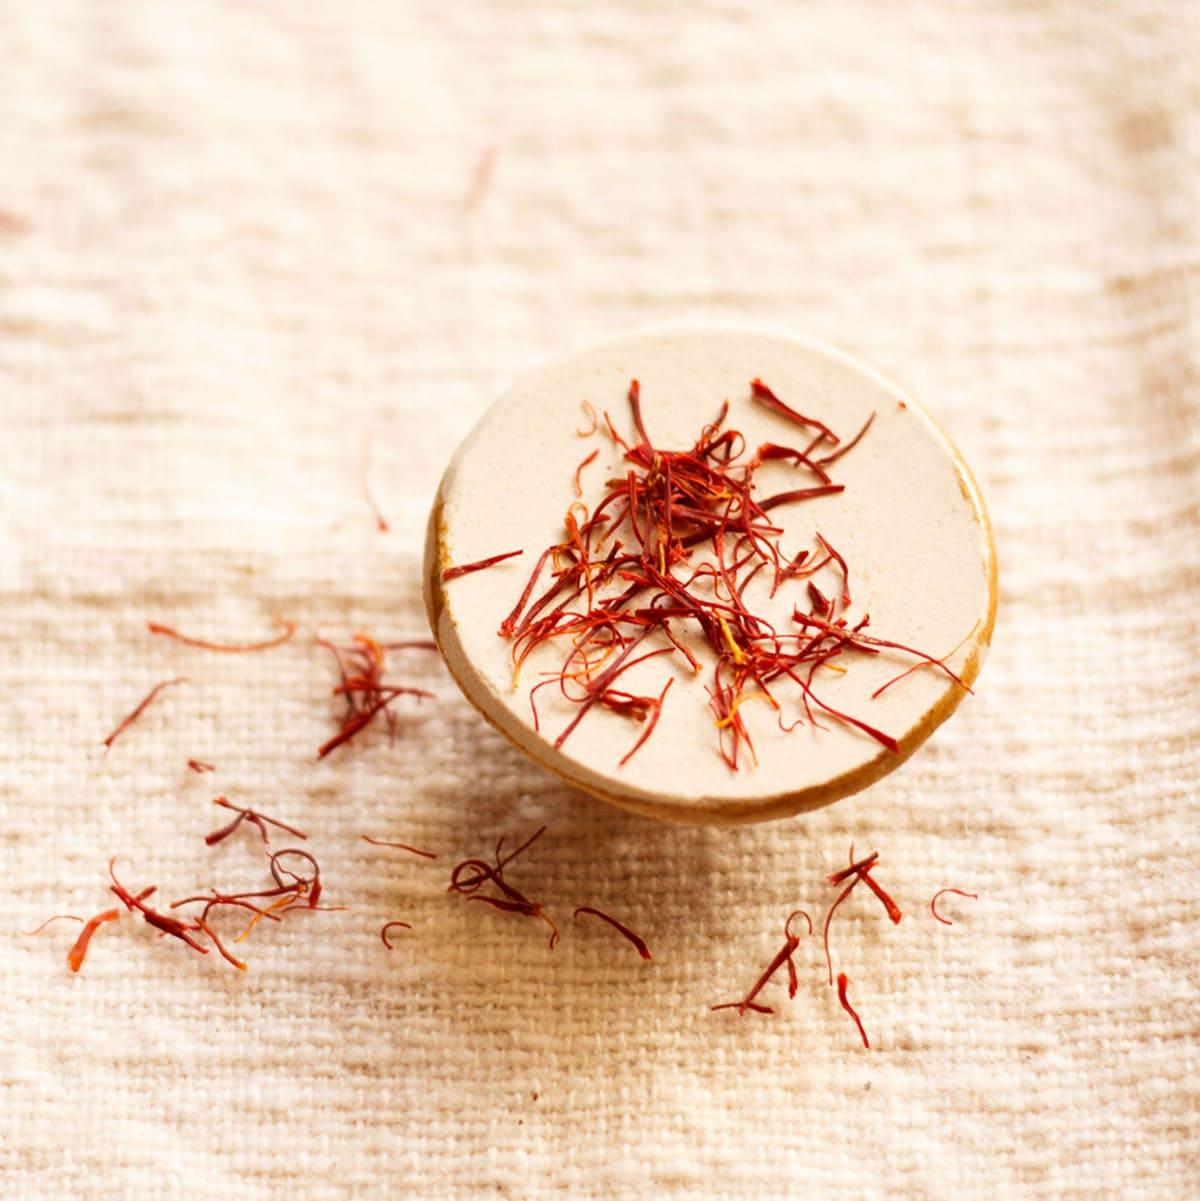 saffron strands on a round beige holder on burlap